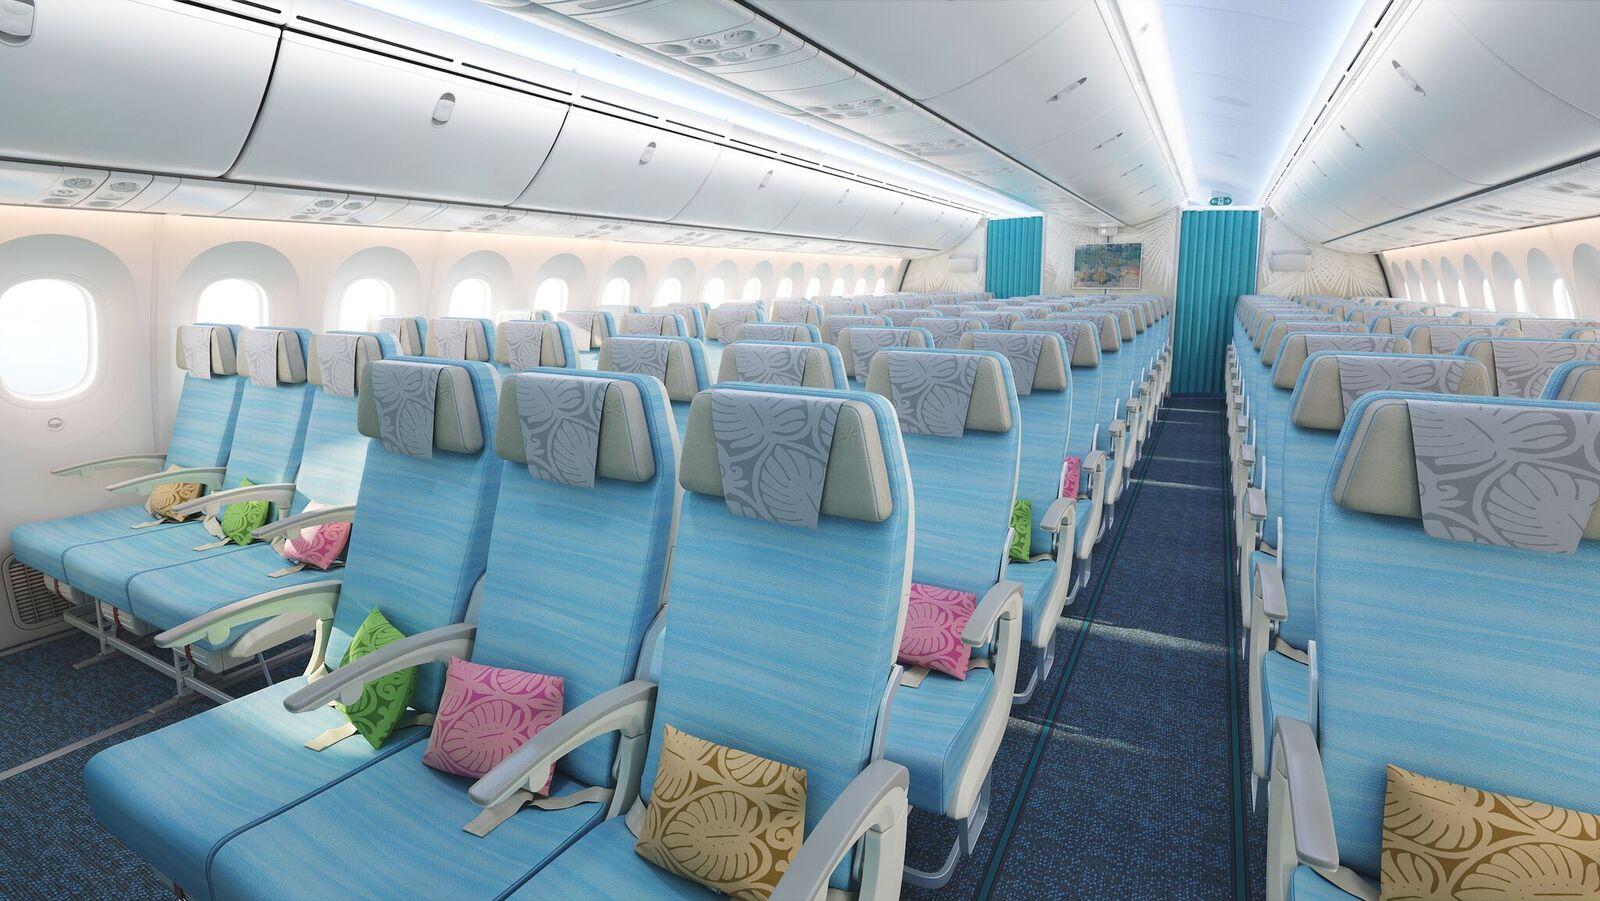 Air tahiti Nui economy 787